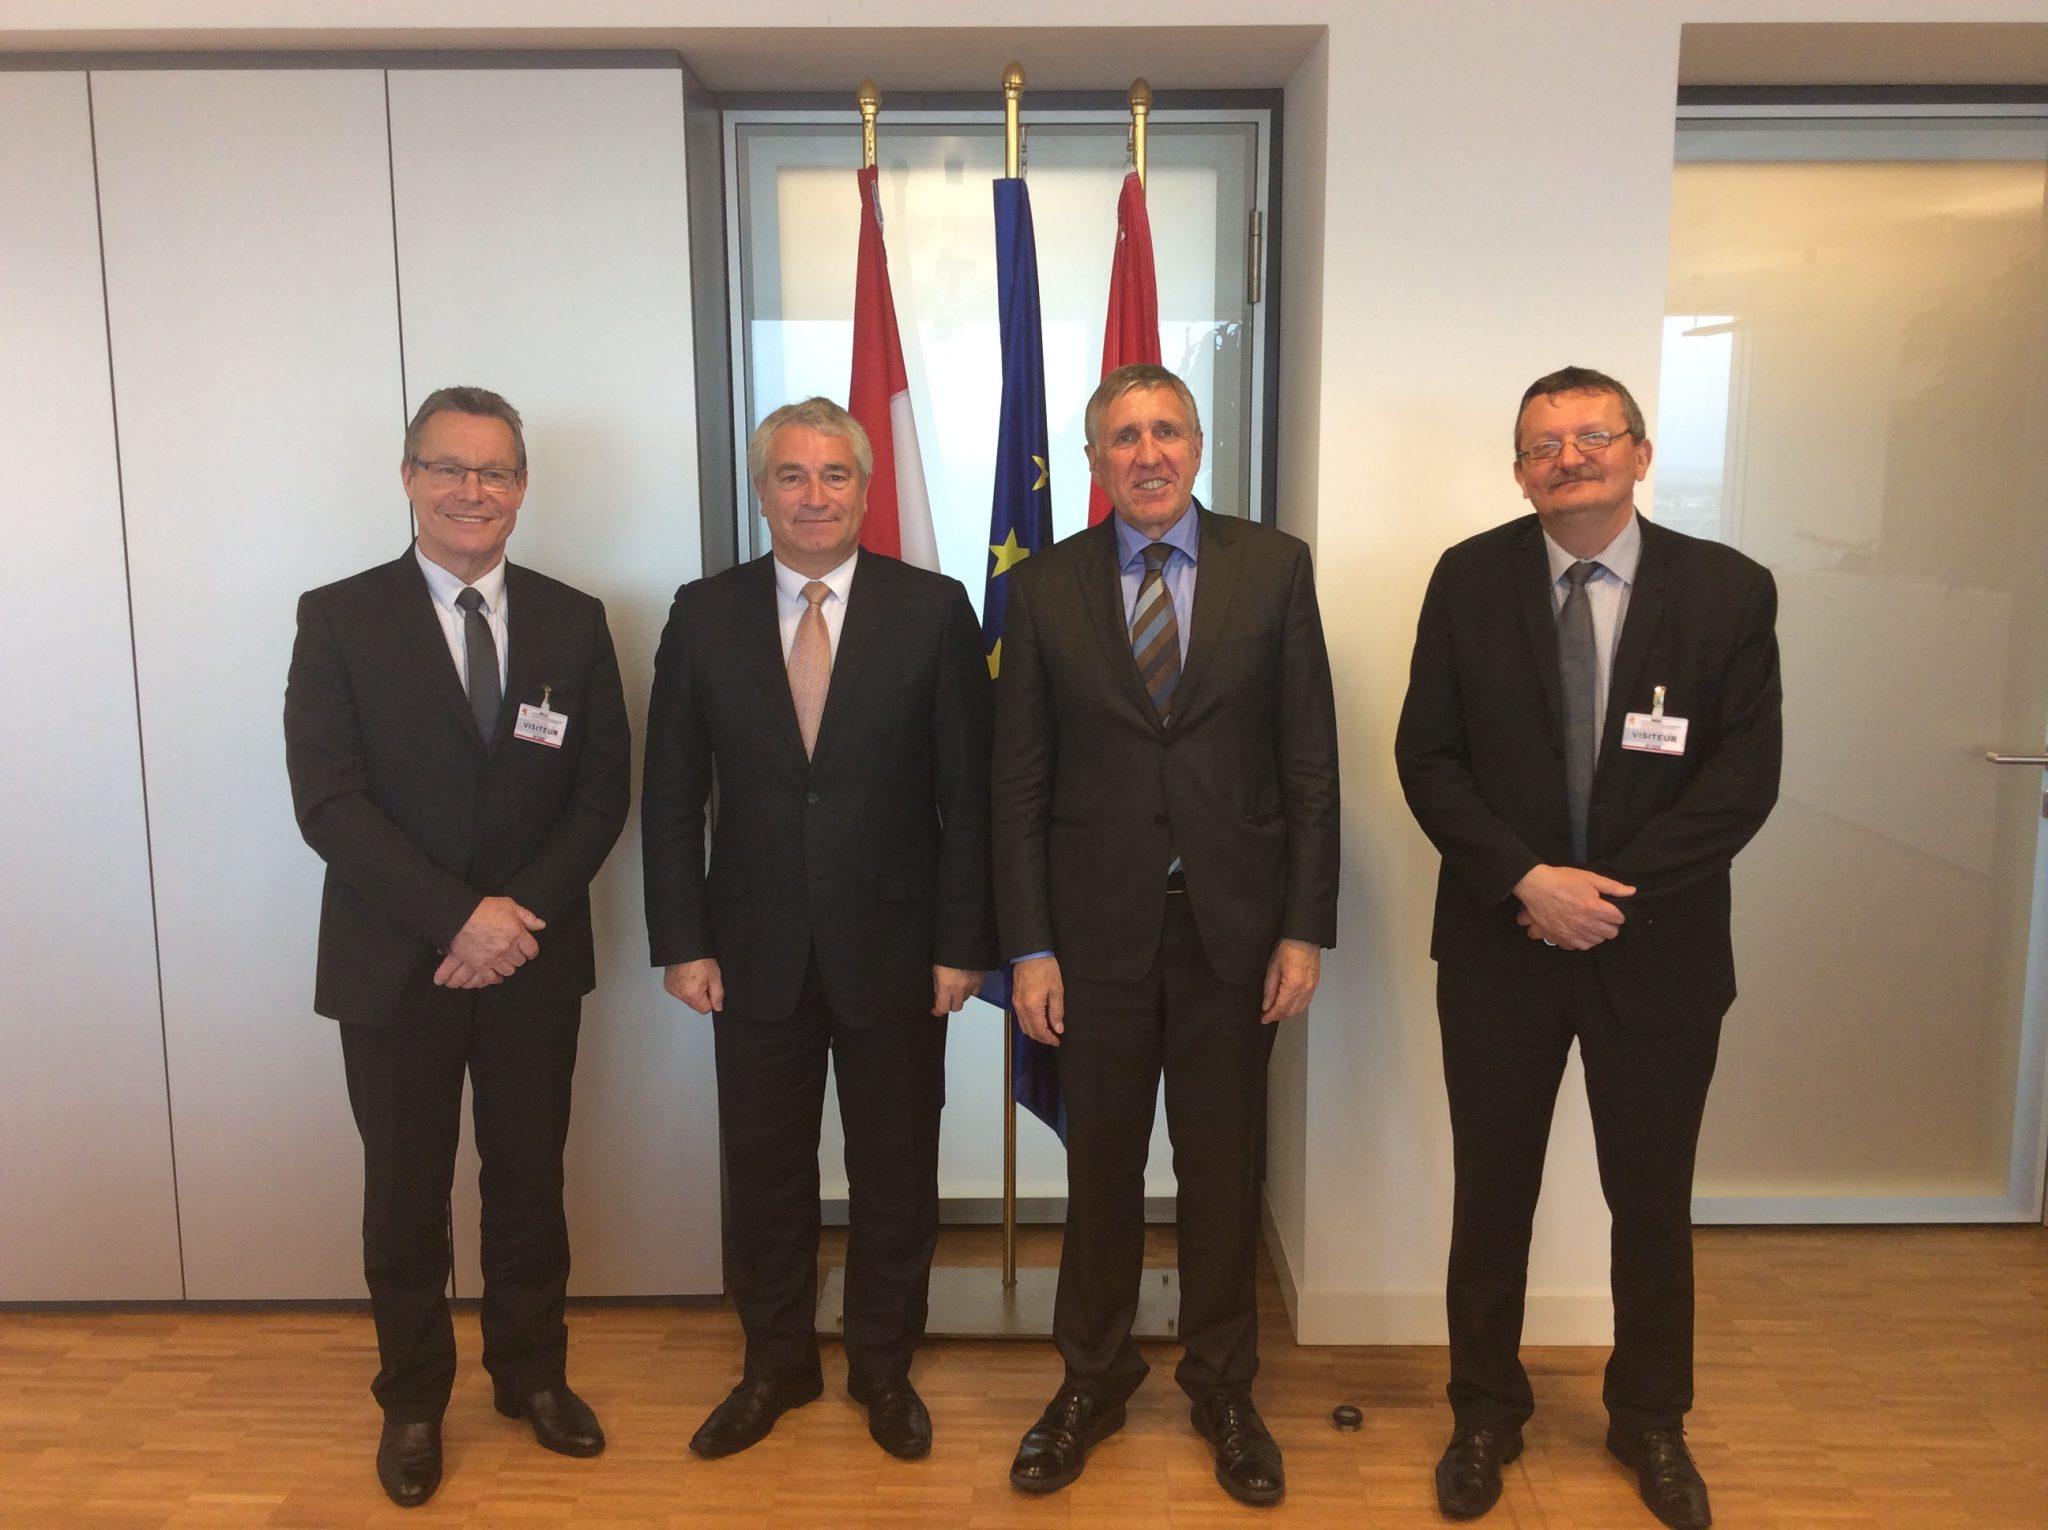 Rencontre avec le ministre des transports Luxembourgeois